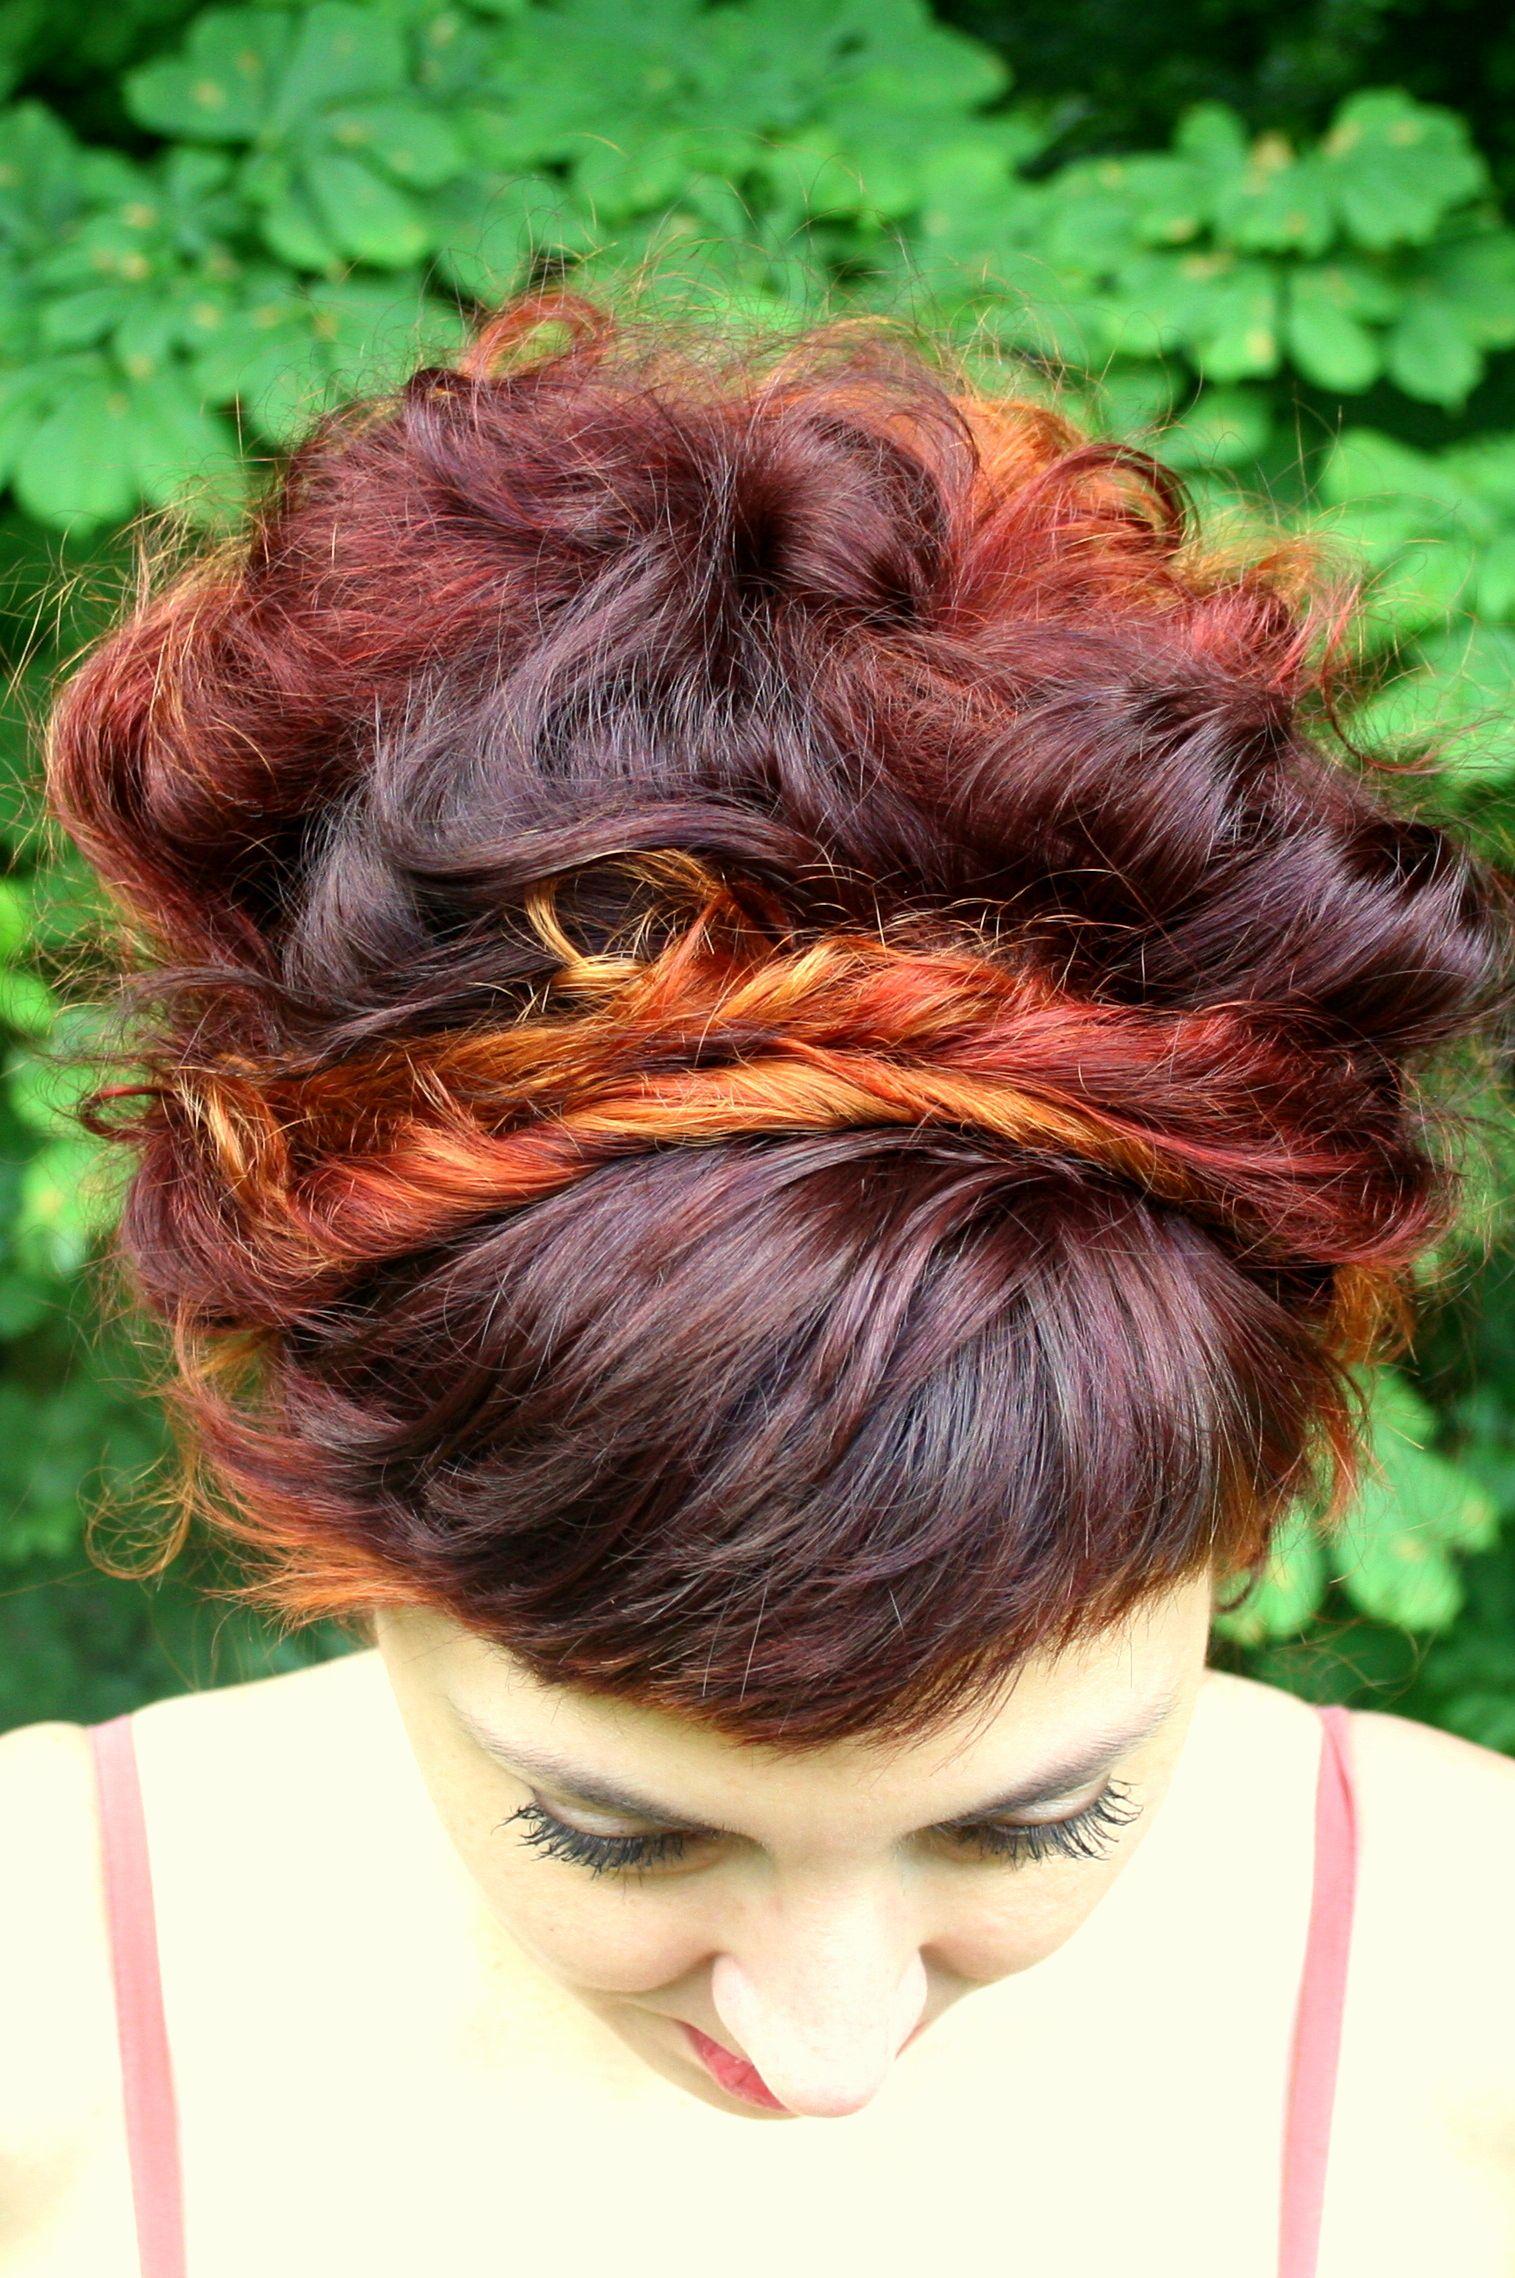 #grenadine #copper #red #ombre #hair #bun